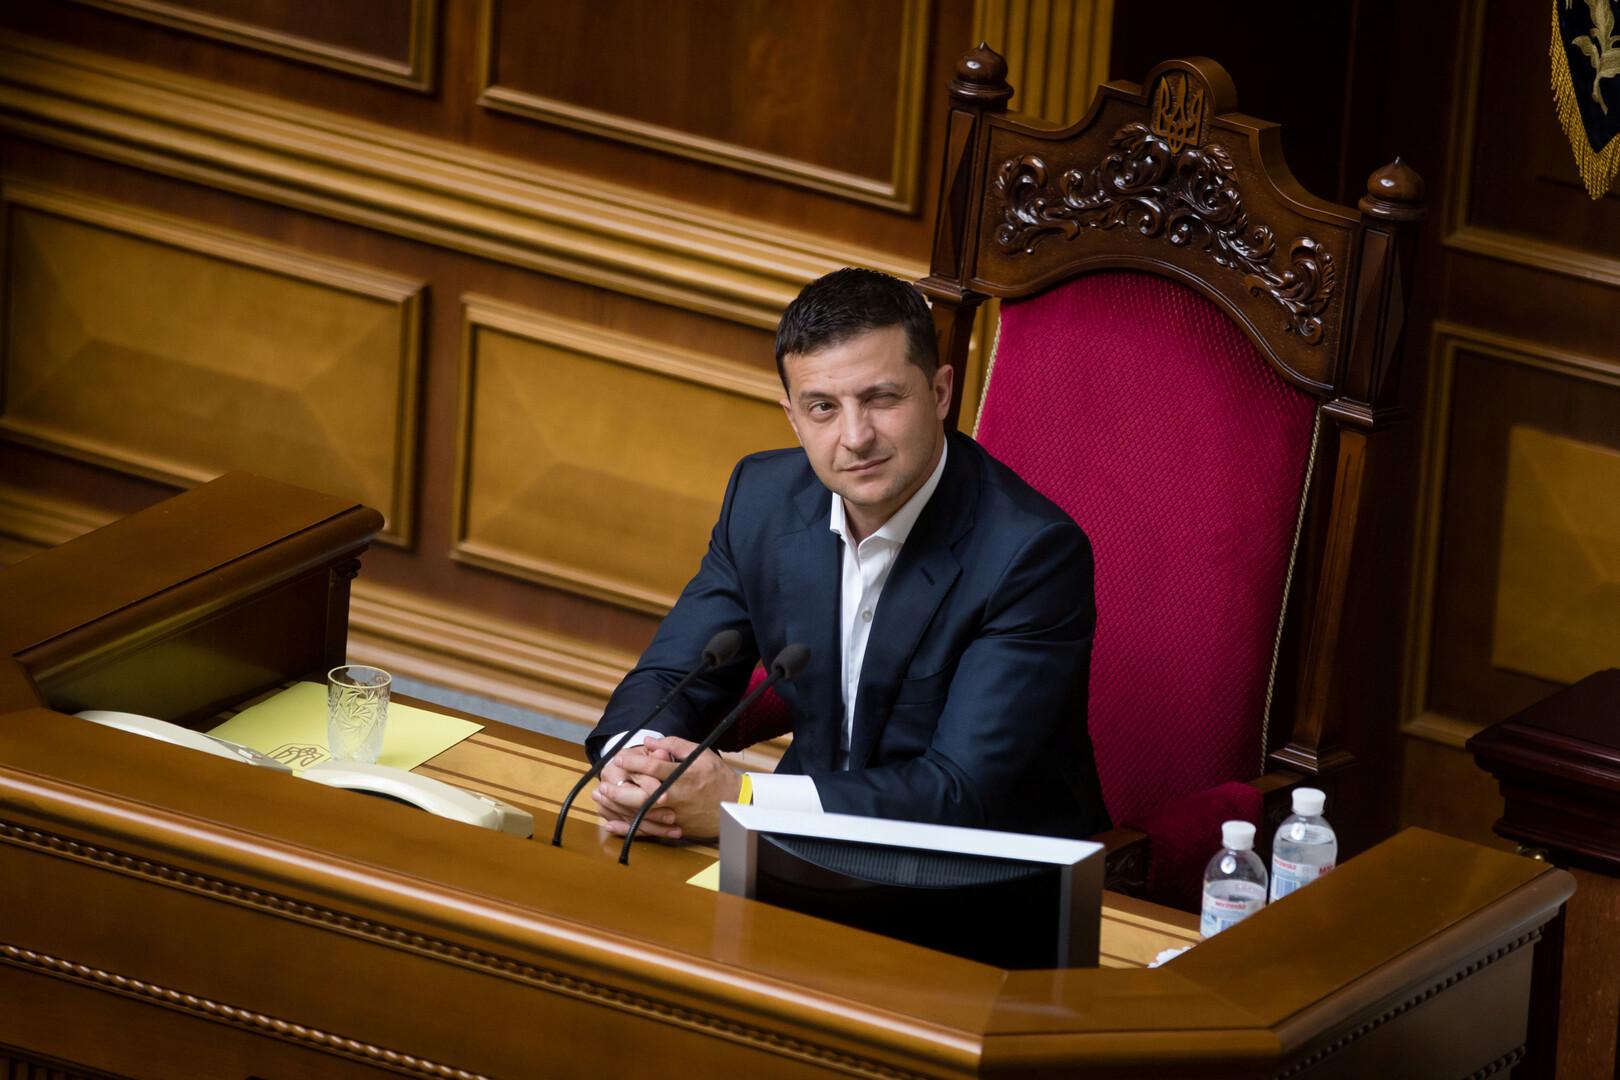 زيلينسكي يوعز بتسريع العمل لتنفيذ المرحلة الثانية من تبادل المحتجزين مع روسيا